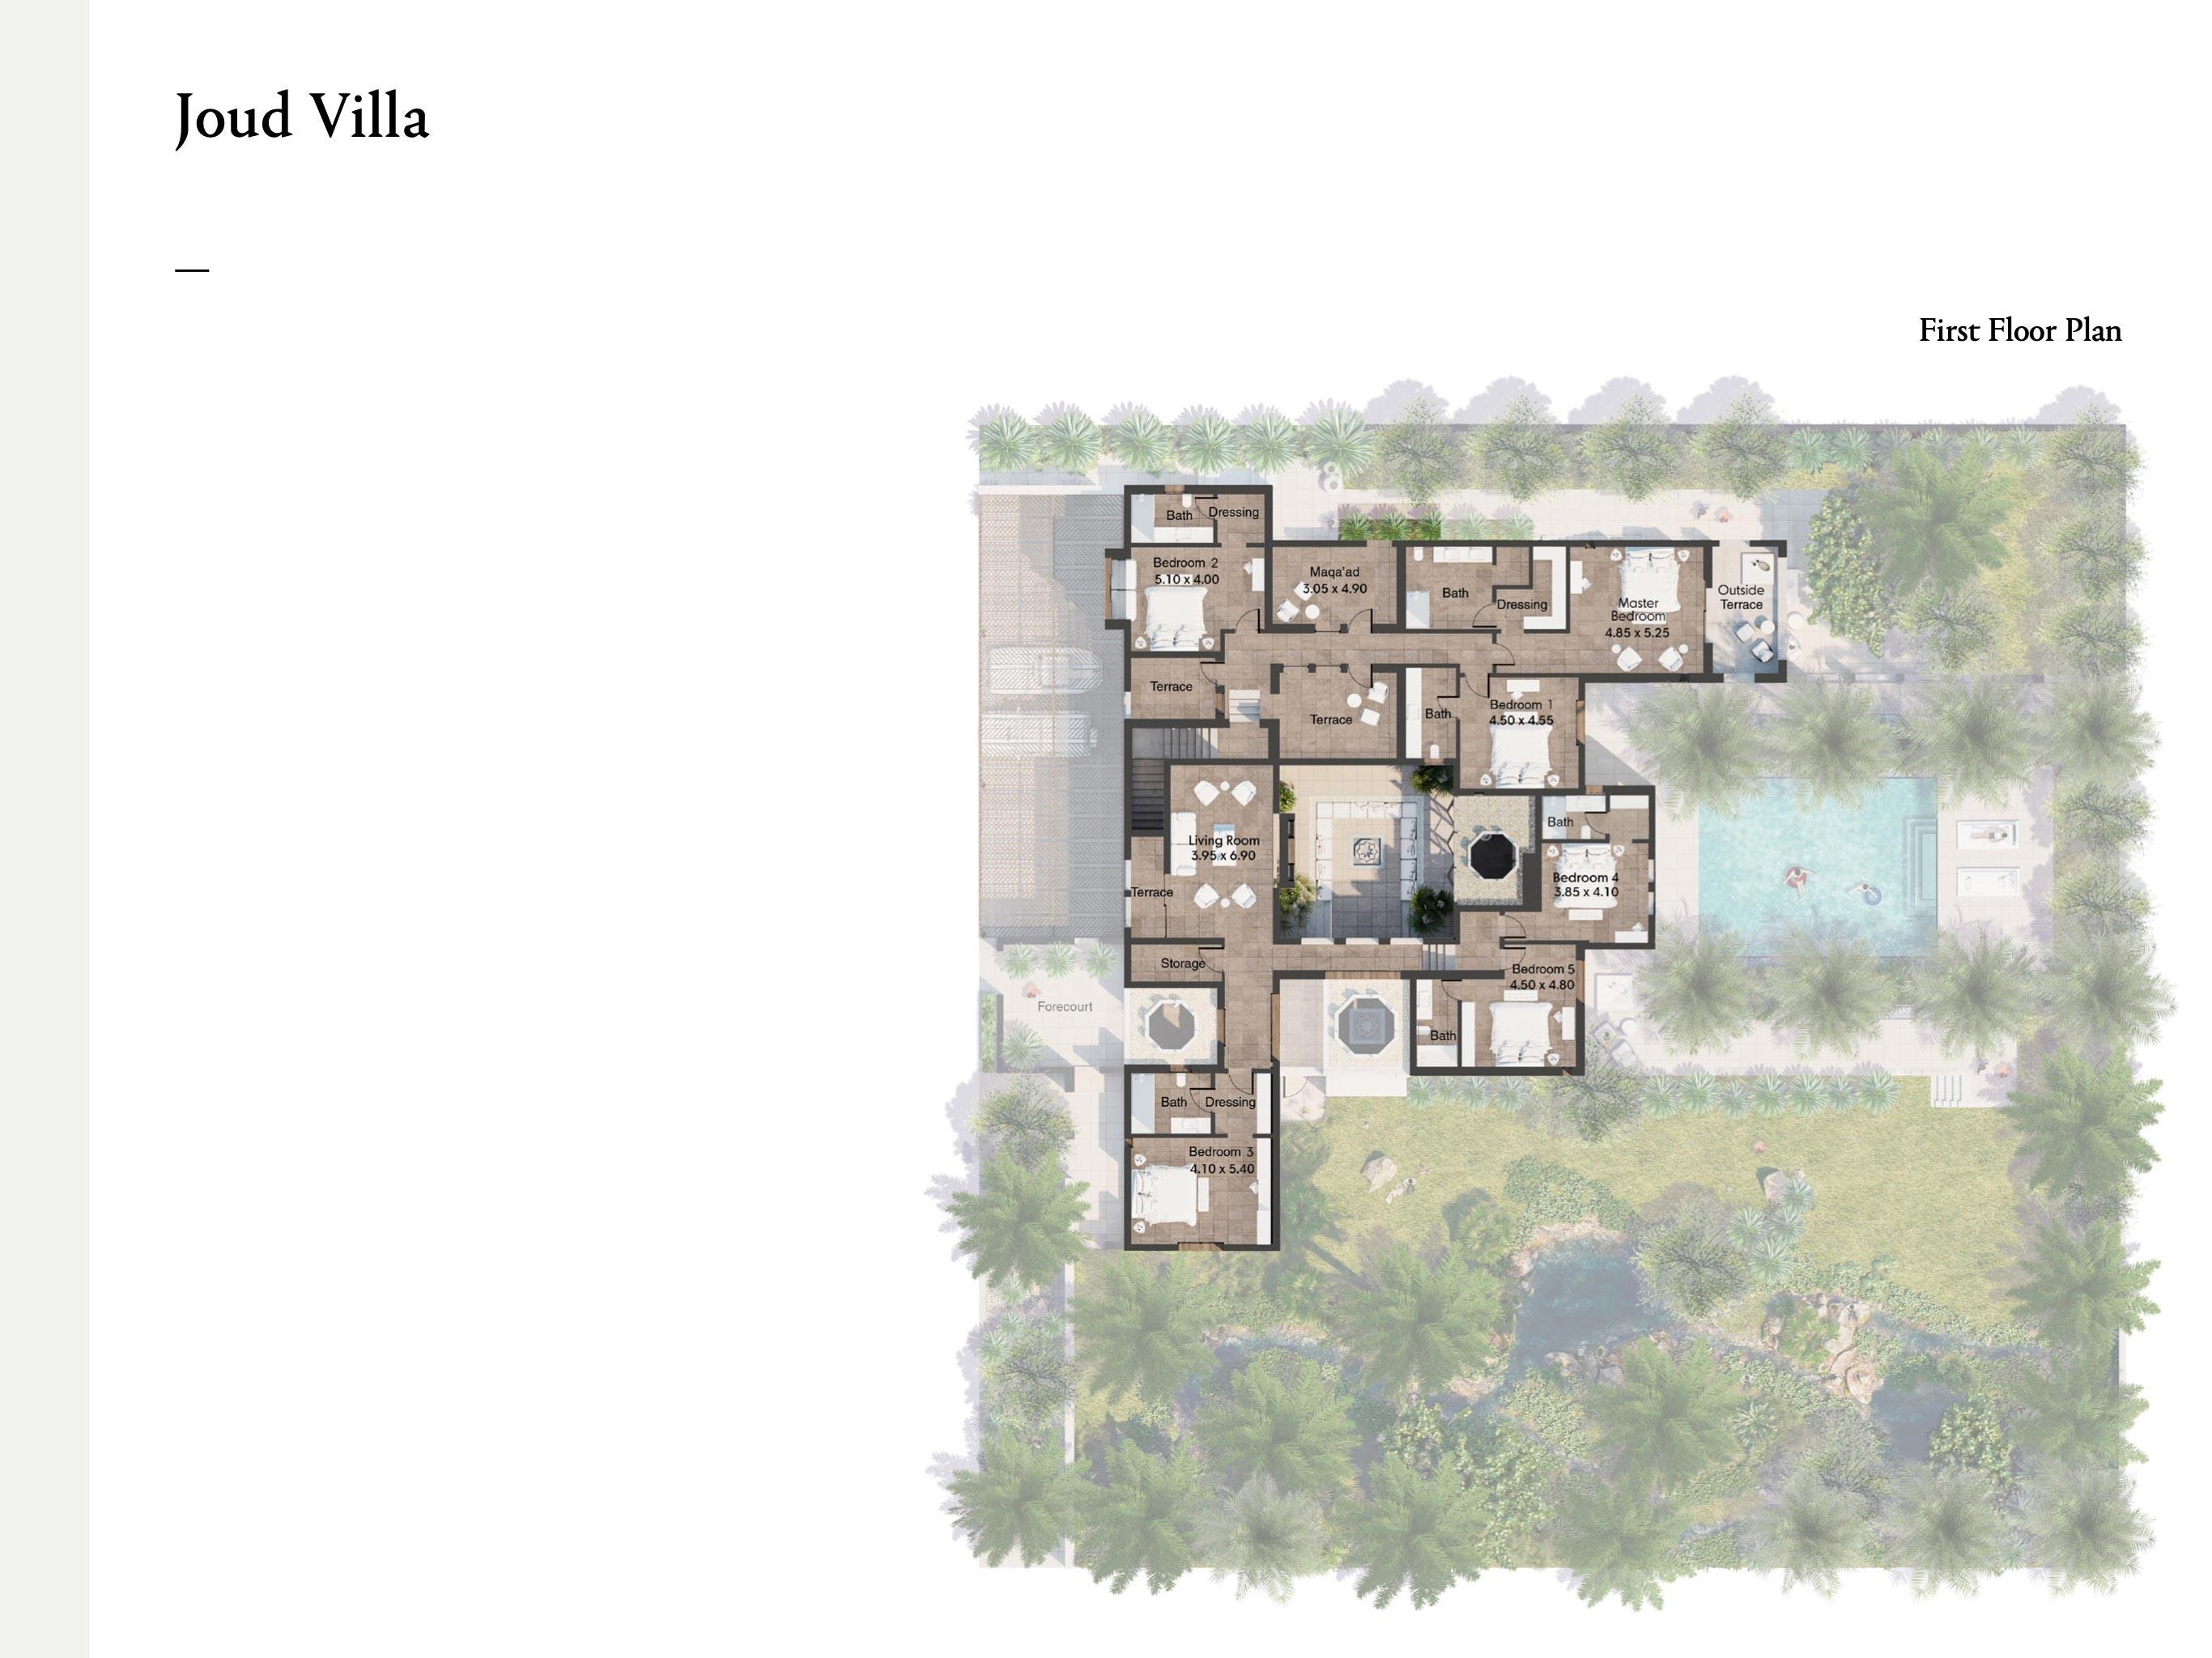 Joud Villa 5 Bedroom Size 640 sqm